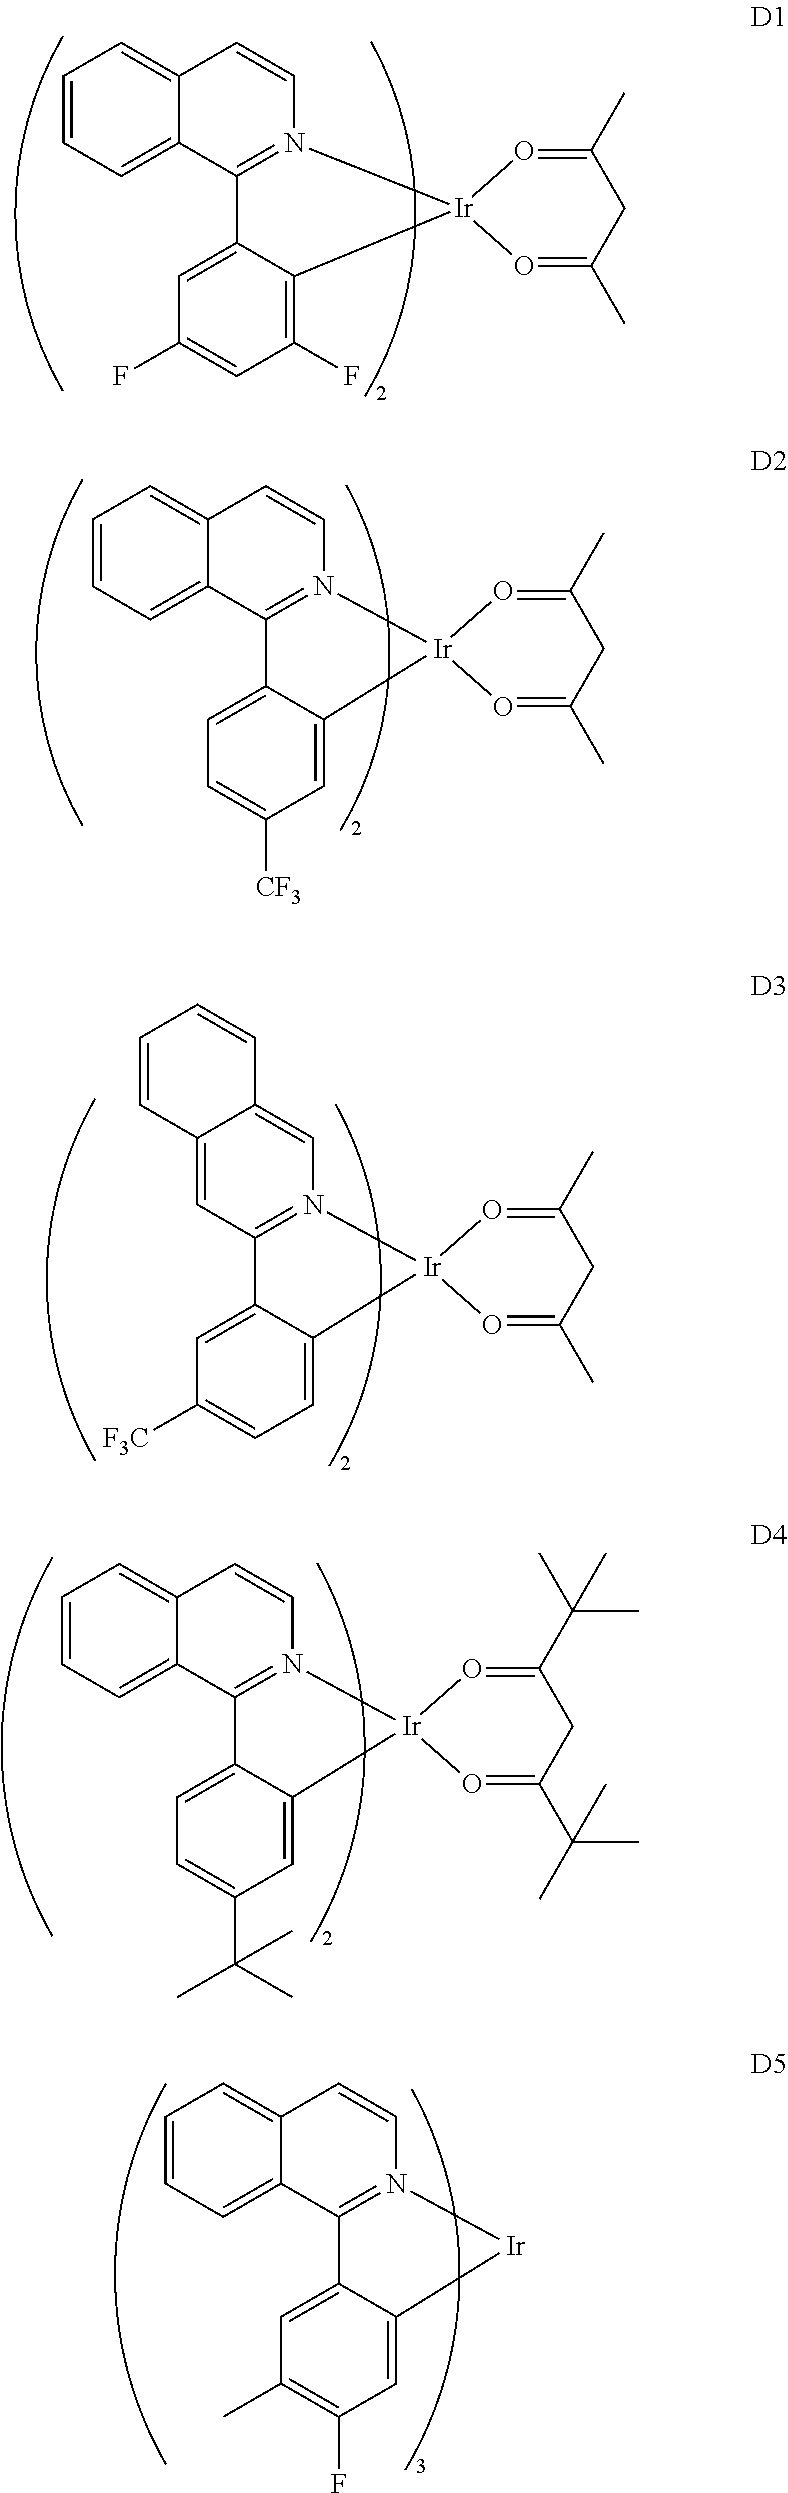 Figure US09496506-20161115-C00010